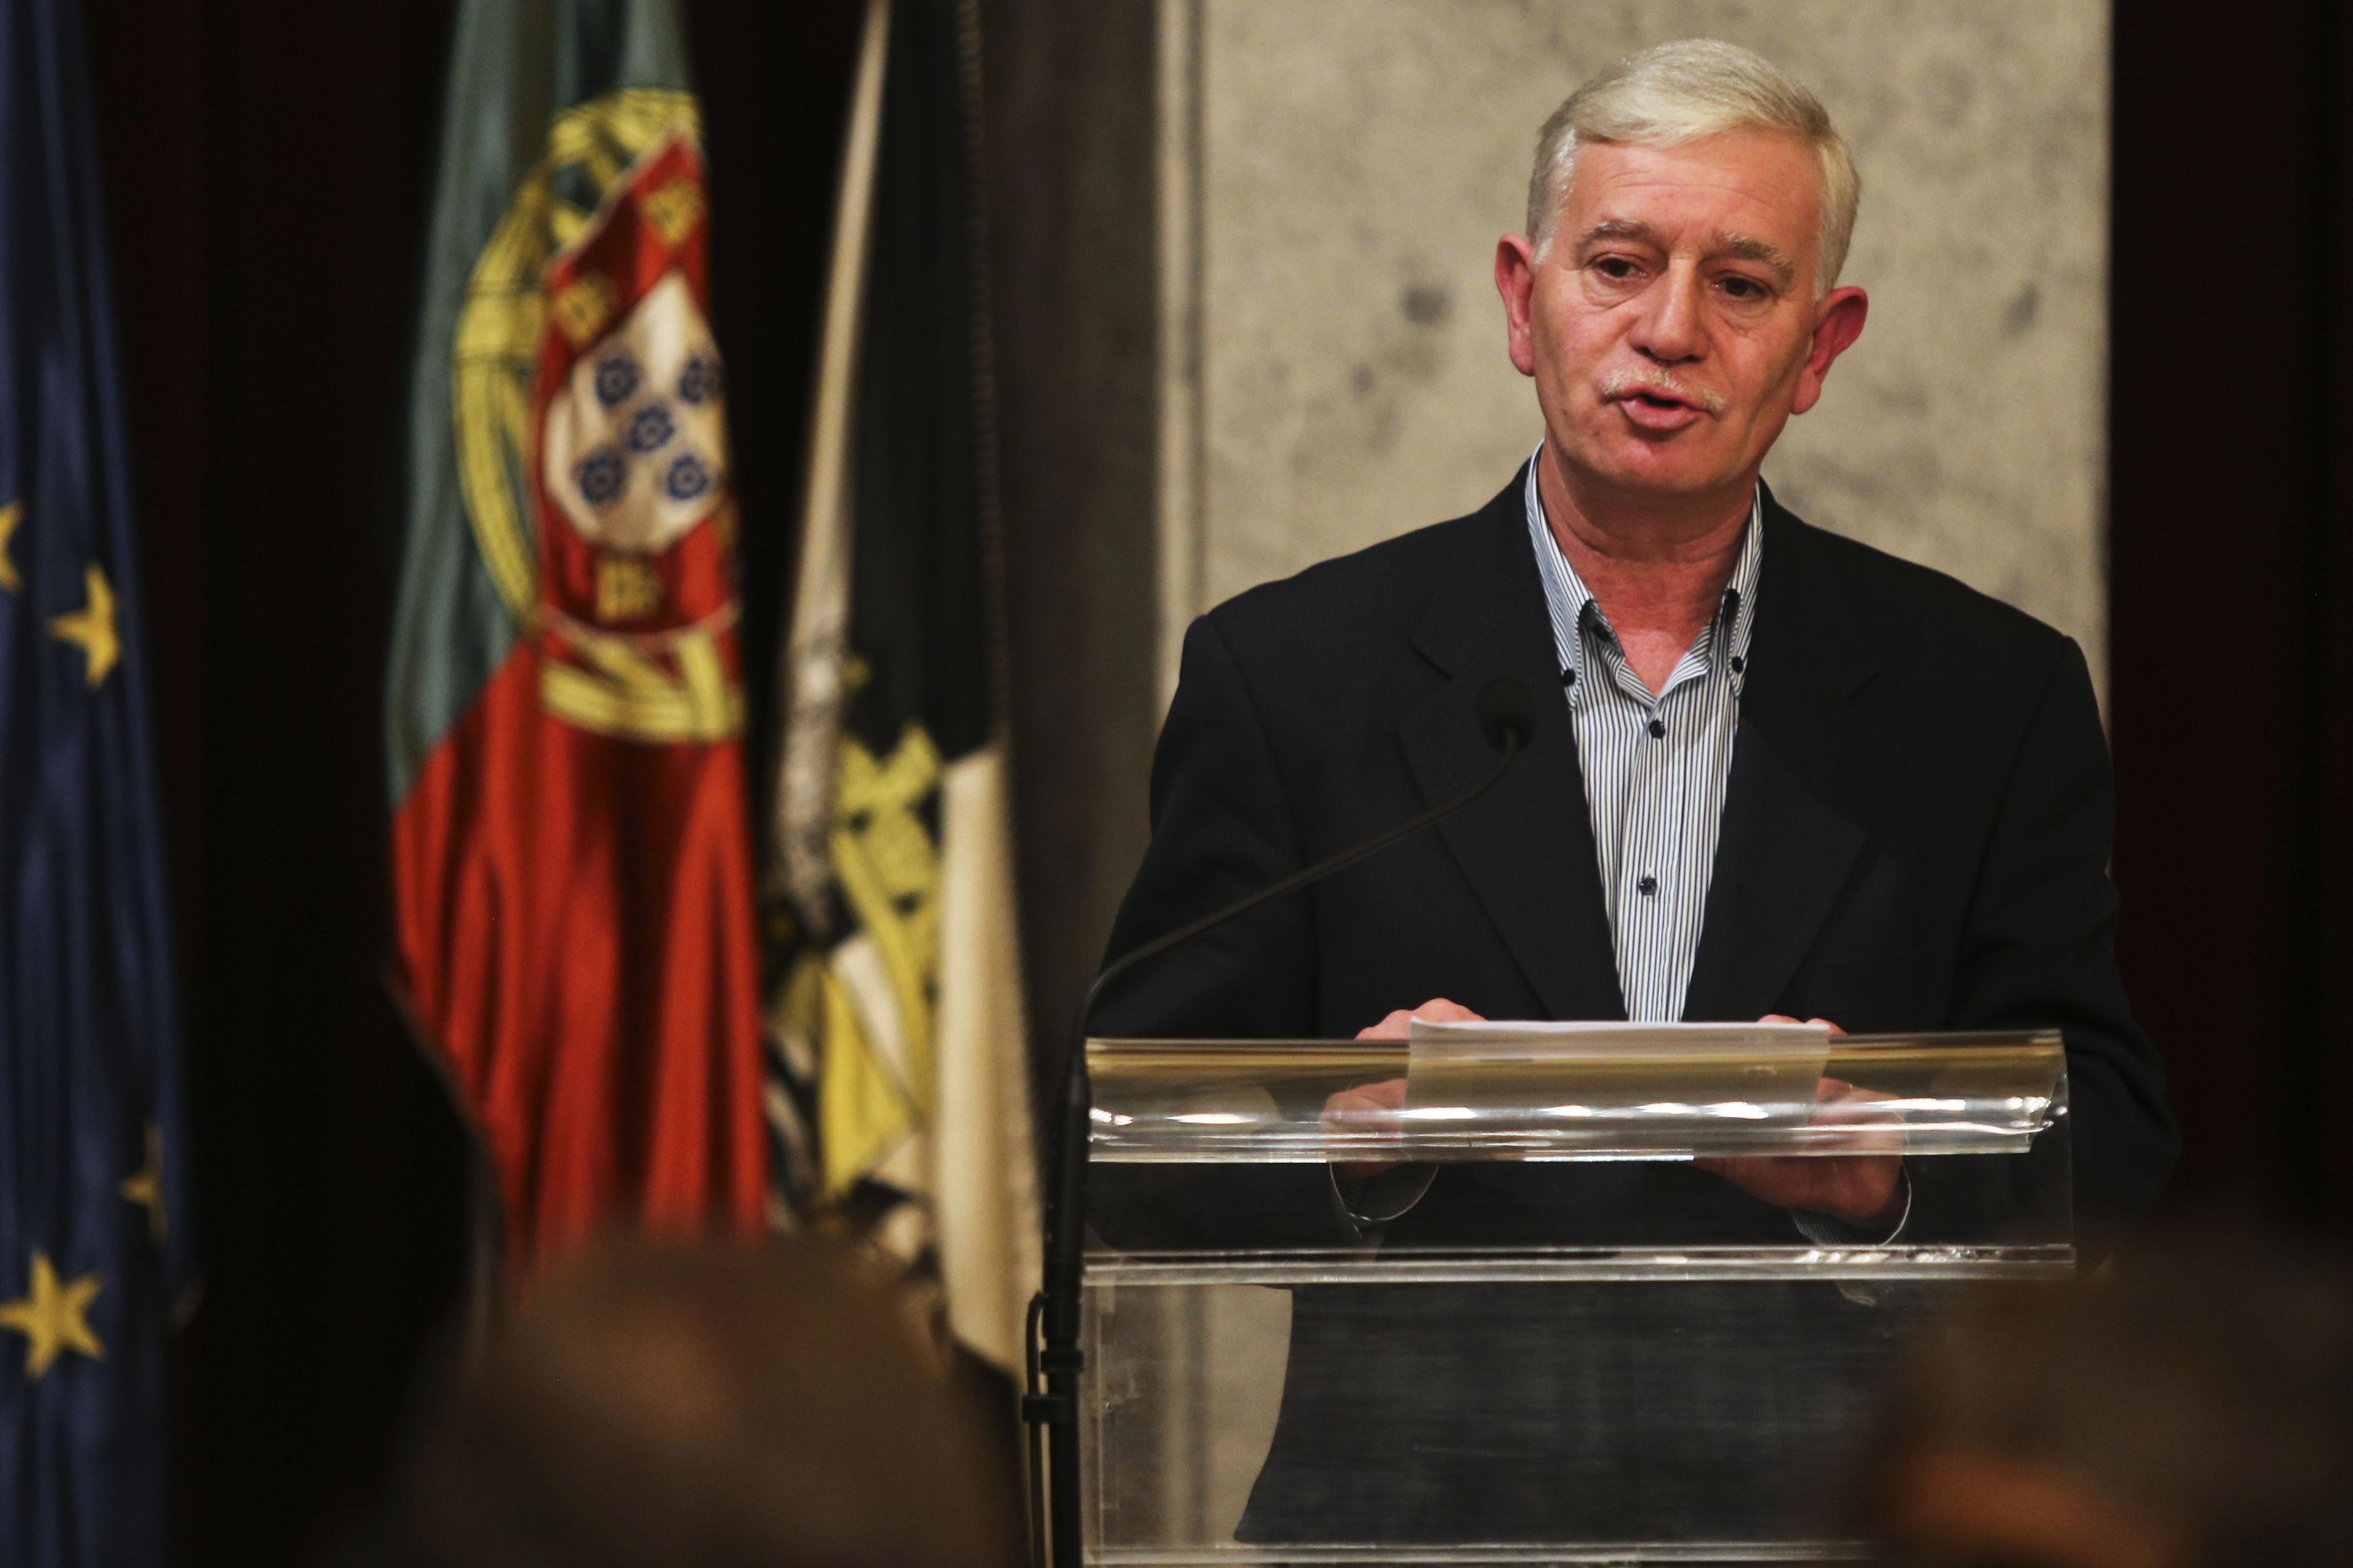 José Abraão recandidata-se à liderança do SINTAP e defende acordo plurianual em congresso